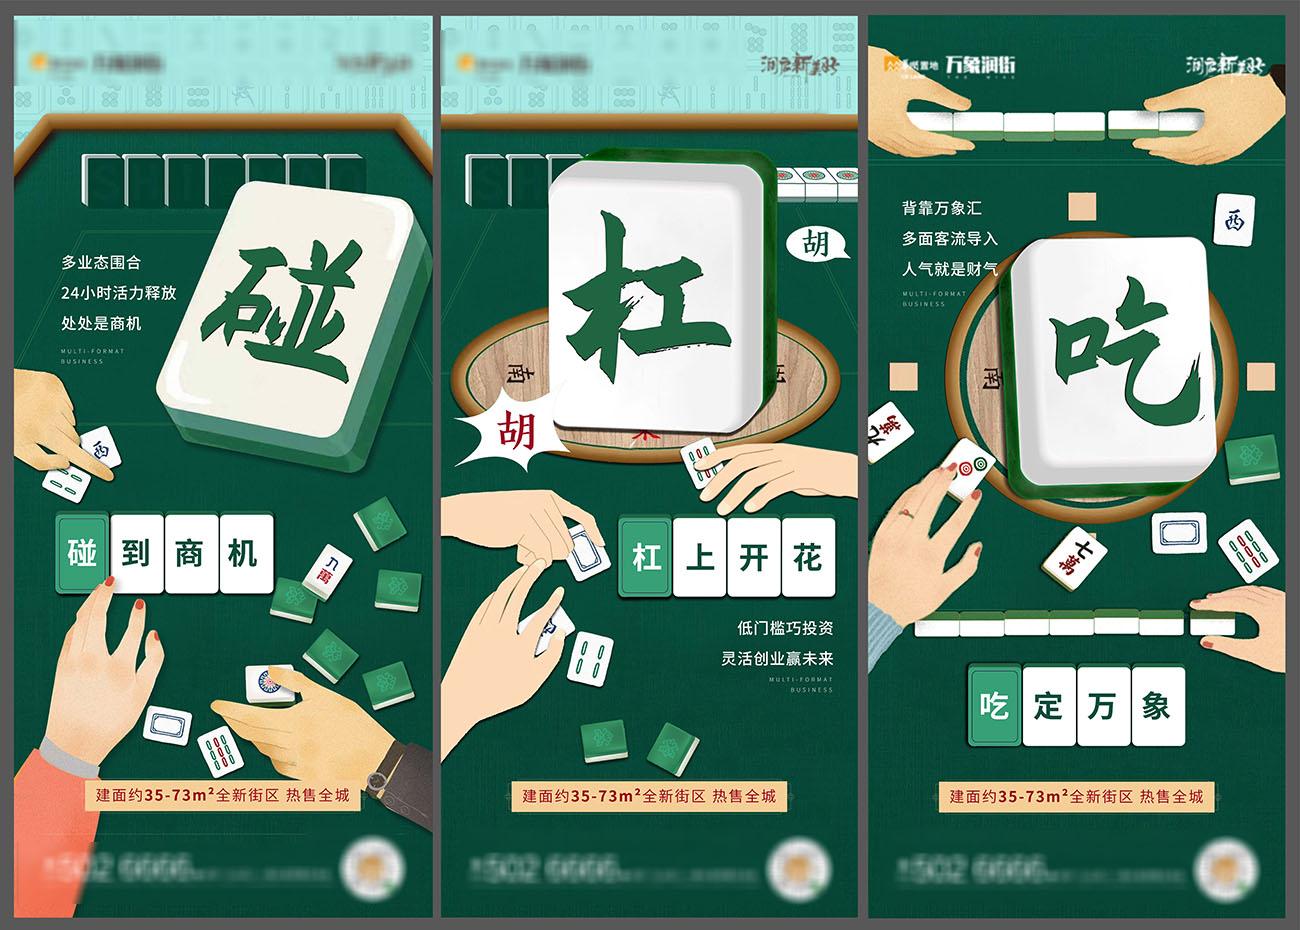 地产商铺麻将插画创意系列价值点海报AI+PSD源文件插图